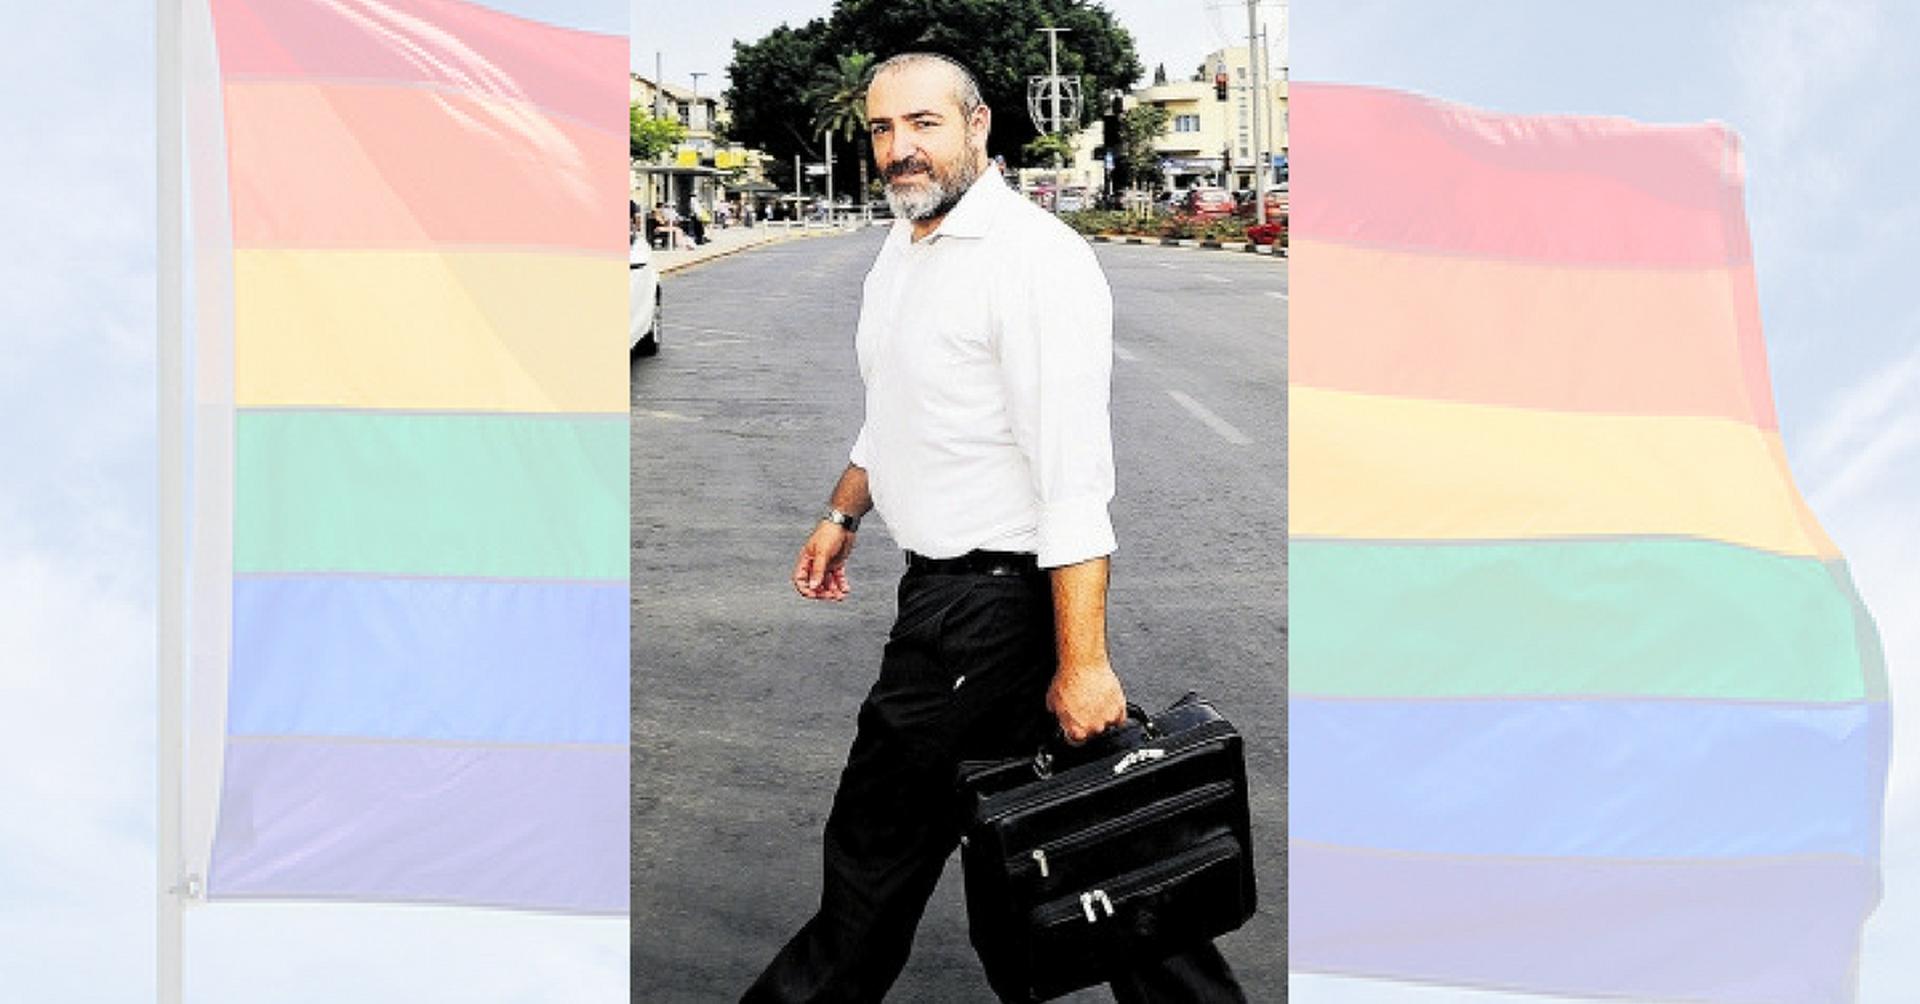 צדיקוב ודגל הגאווה | צילום: יוגב עמרני, Shutterstock